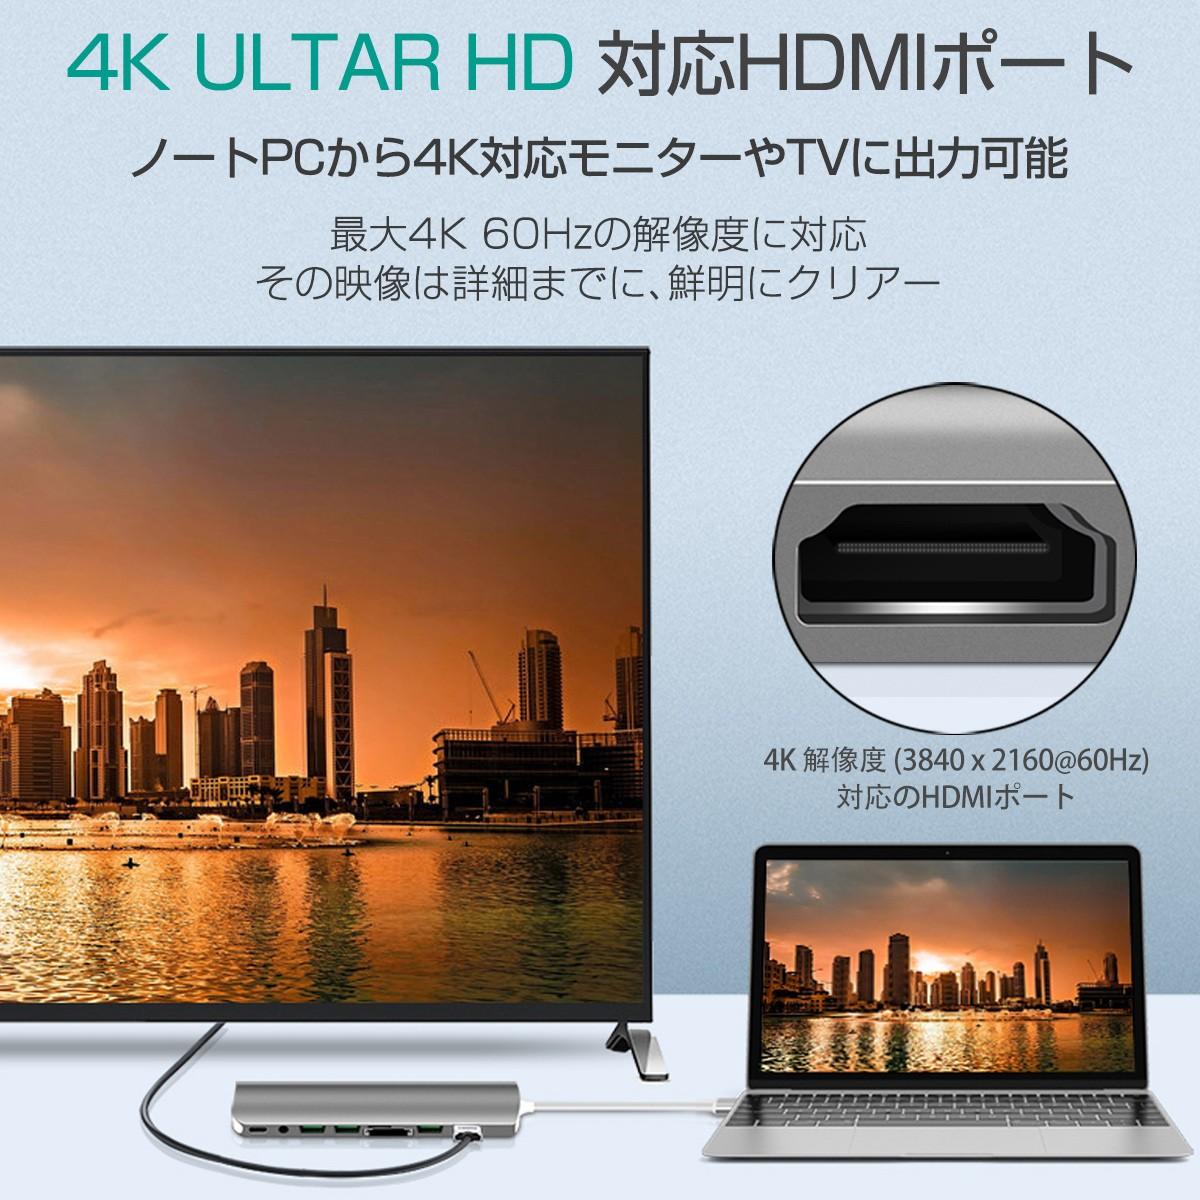 USBハブ Type-C